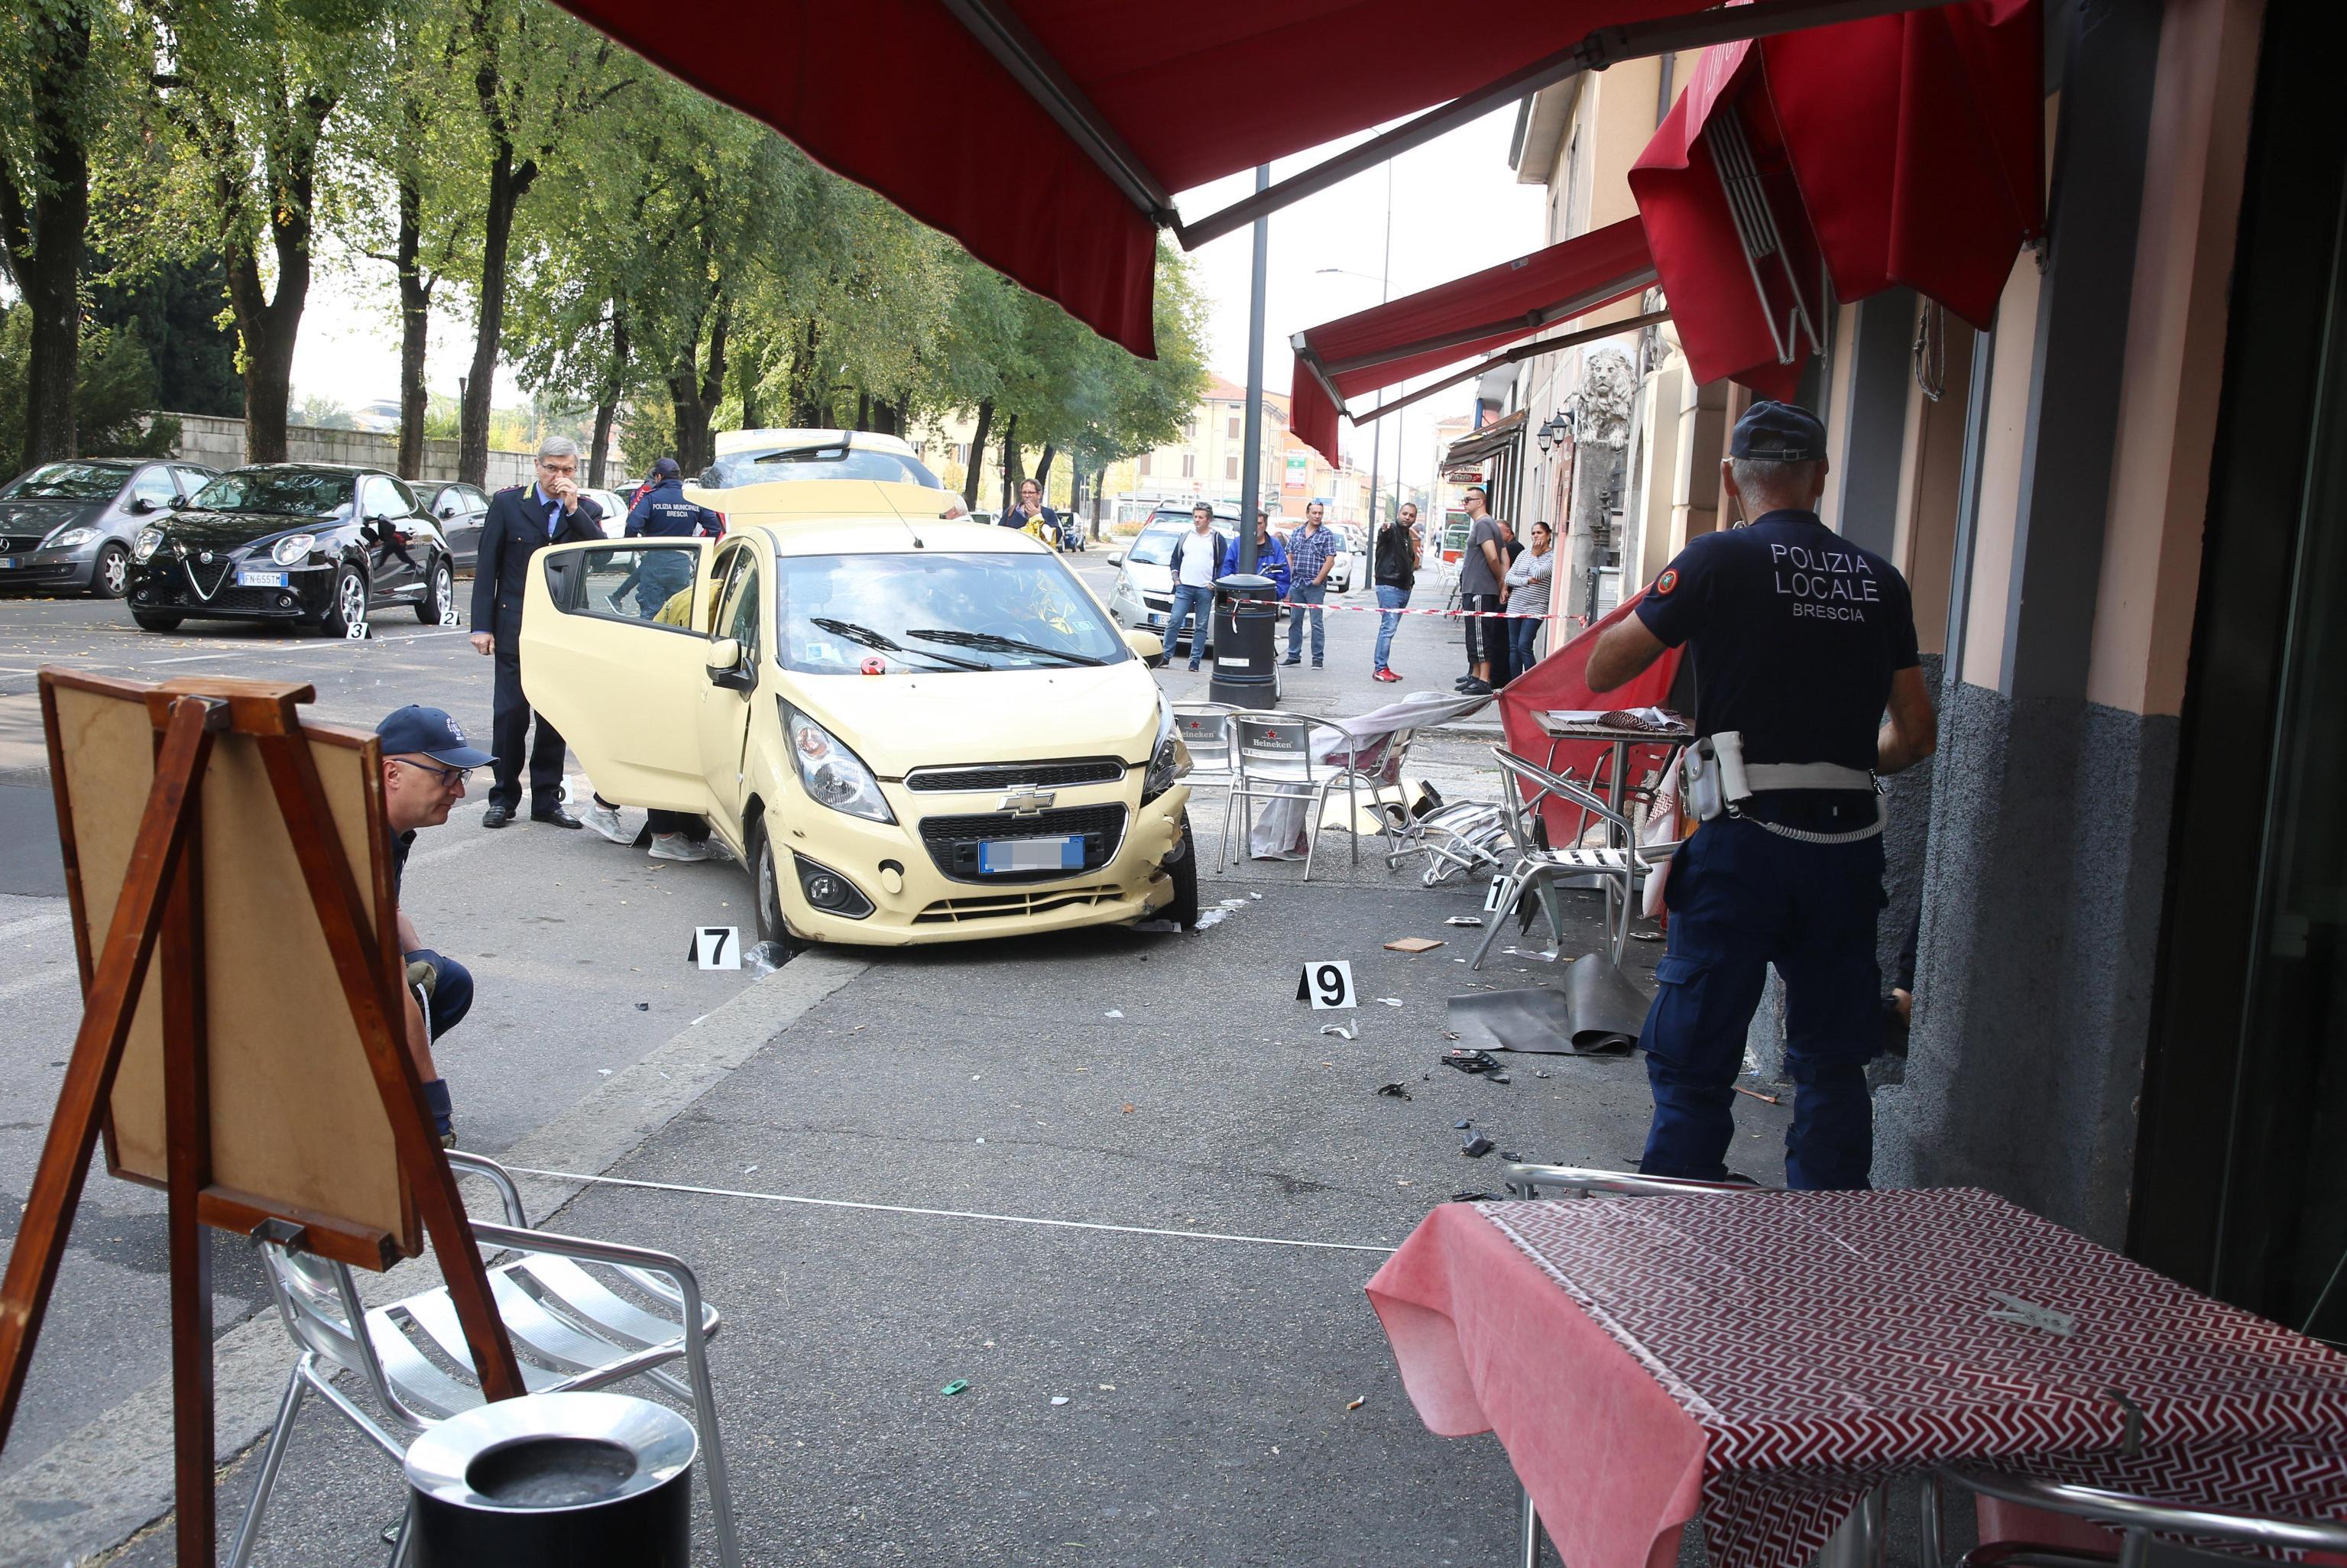 Incidente a Brescia: auto travolge i tavolini di un bar, morta una donna